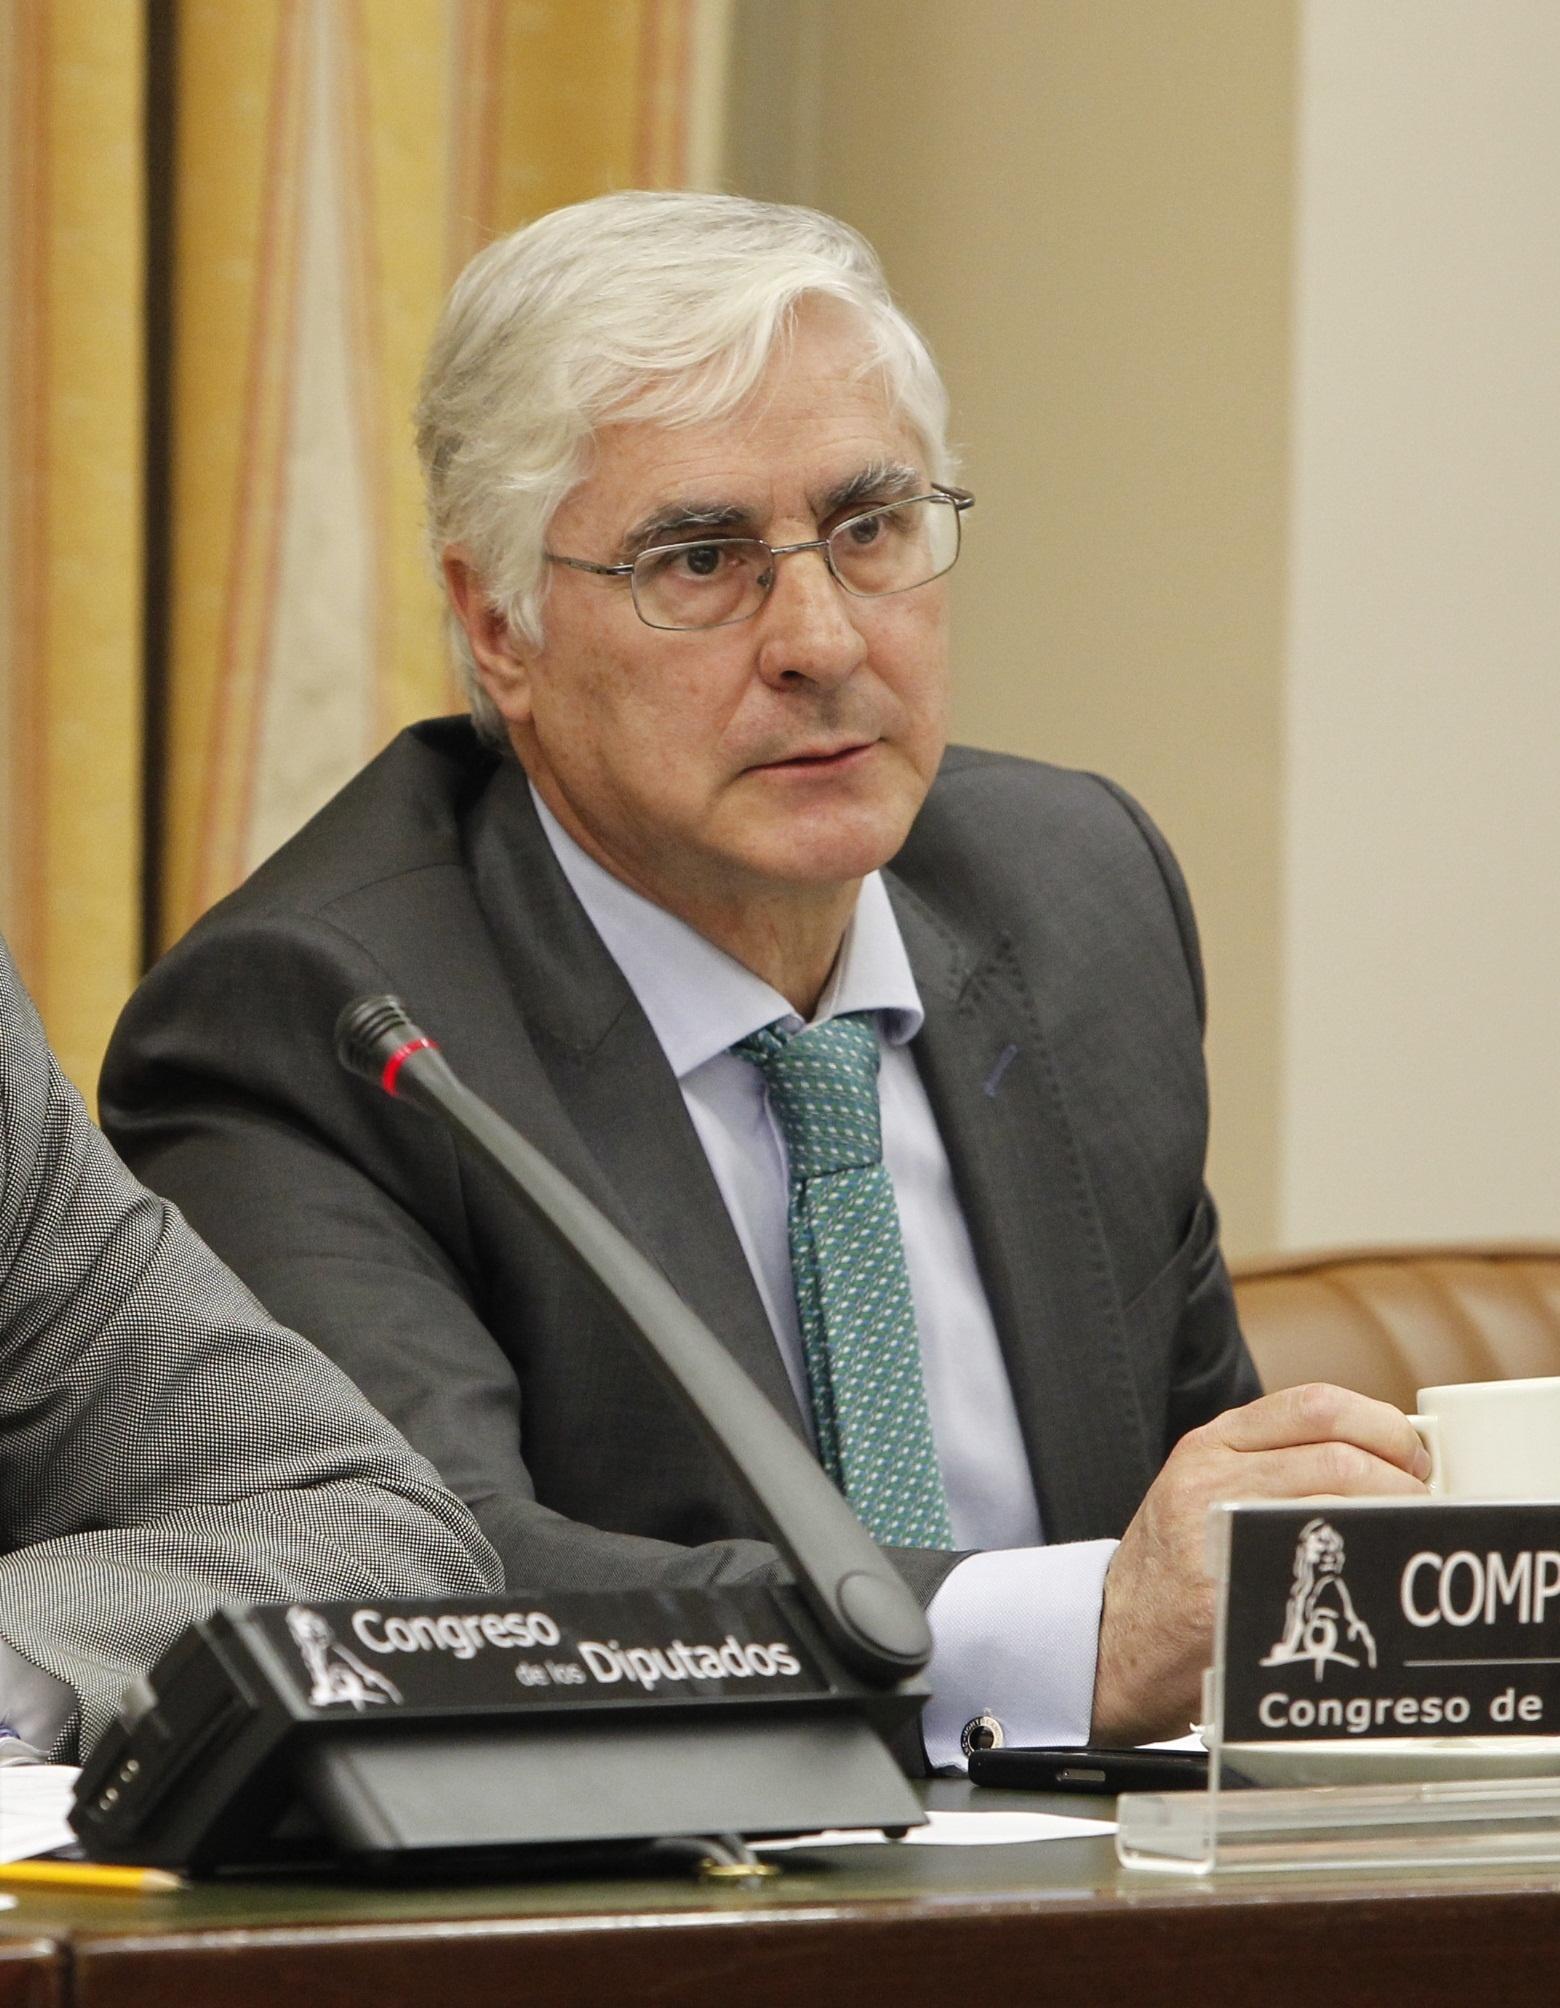 Diputados del Congreso lamentan el cierre de la televisión griega y defienden el servicio público